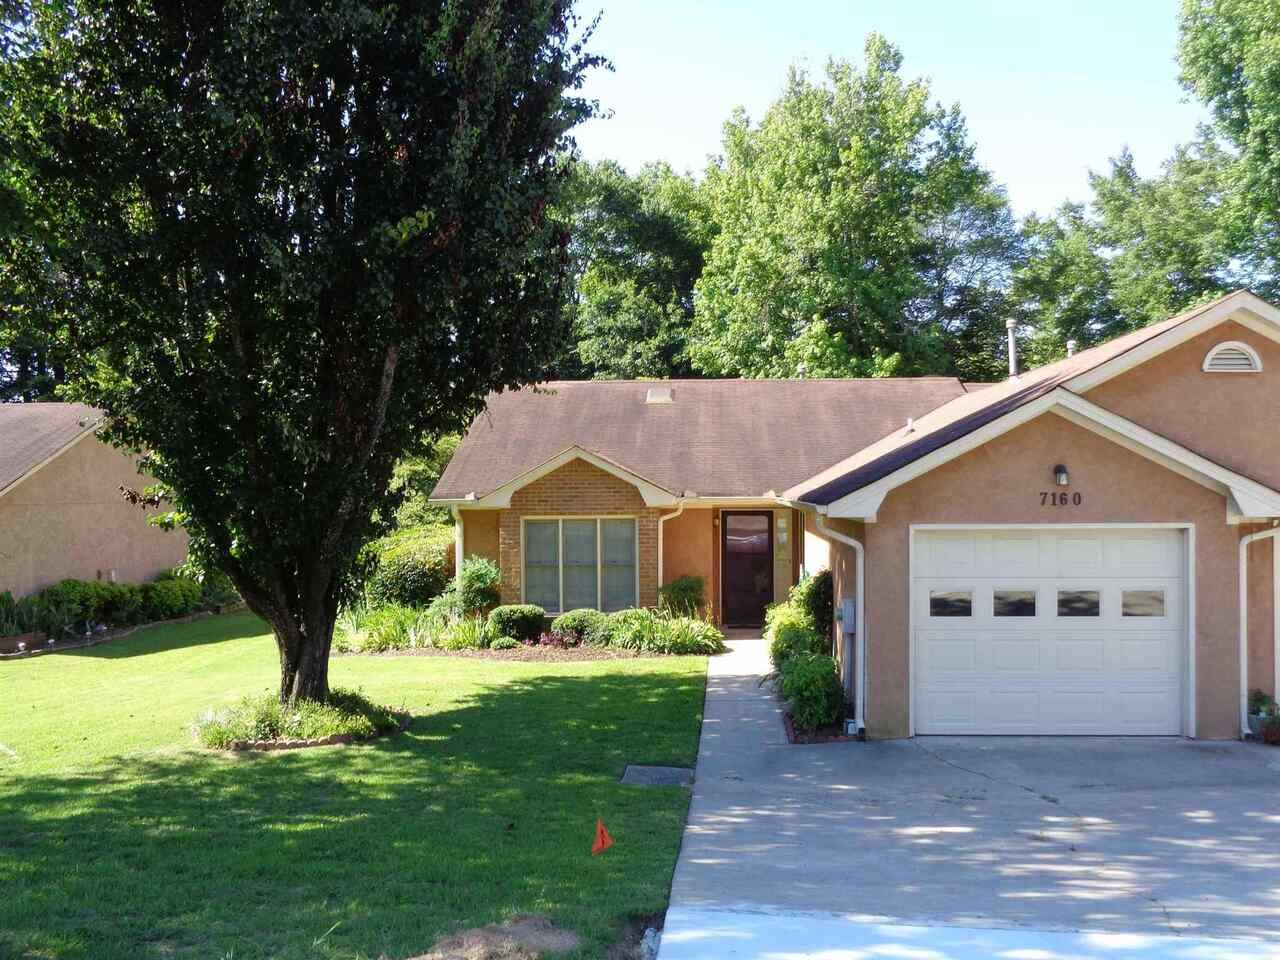 7160 Woodridge Ln, Union City, GA 30291 - #: 8999220